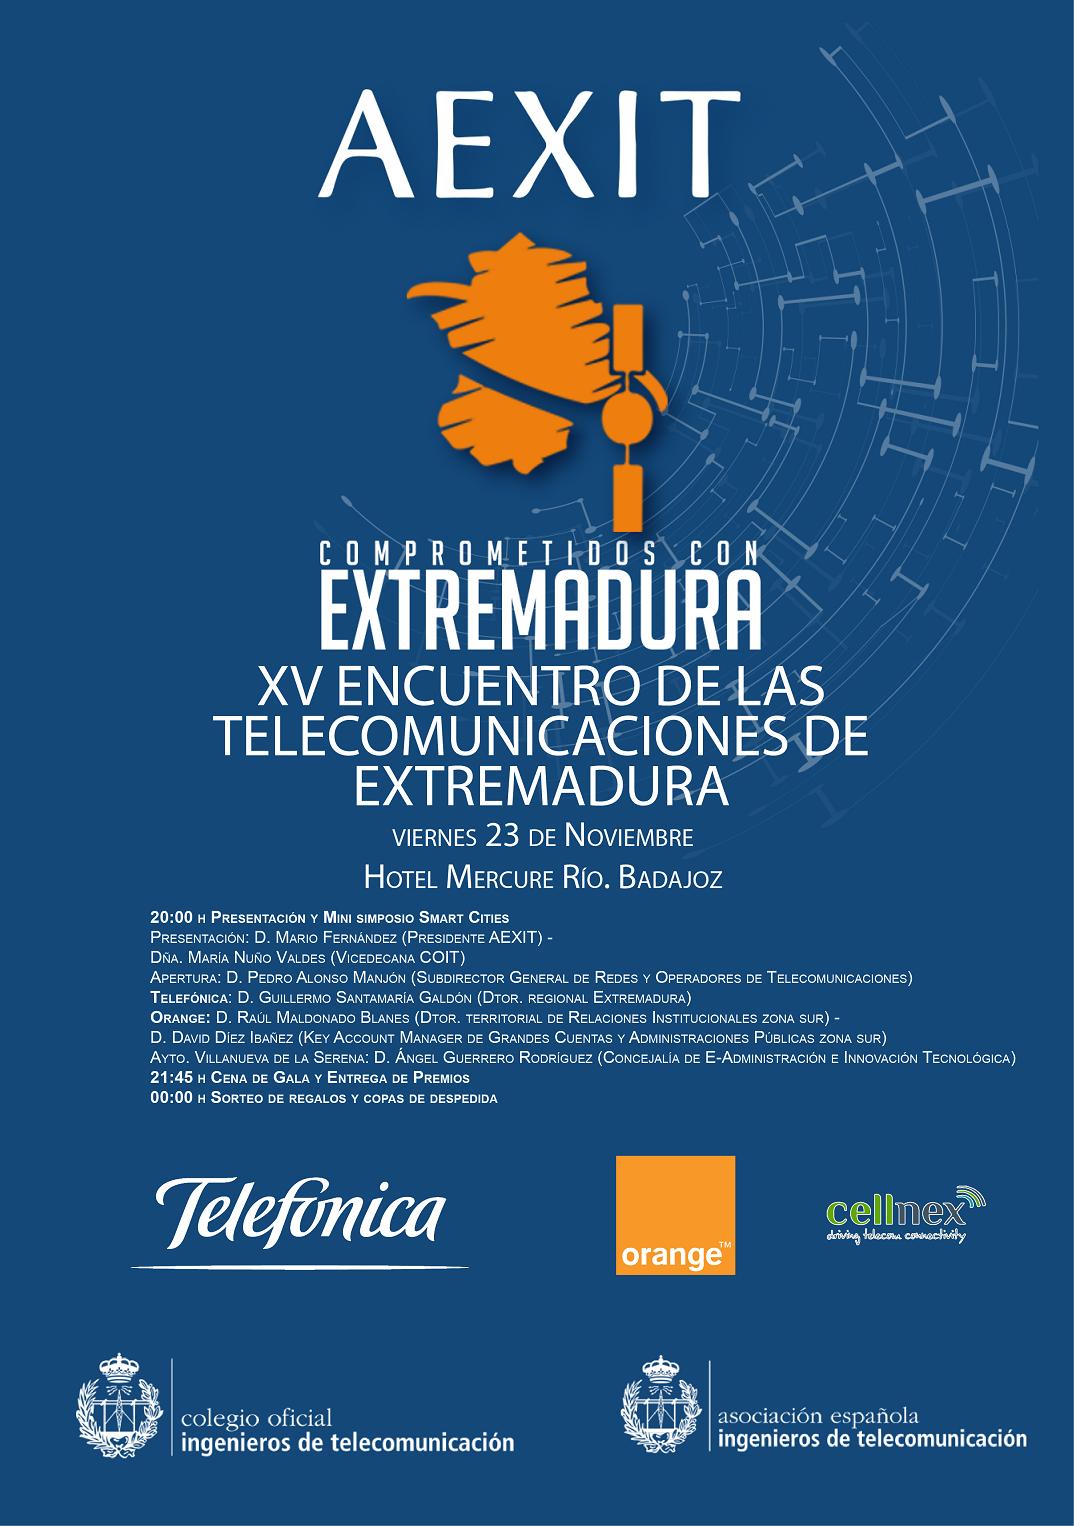 Cartel del XV Encuentro de las Telecomunicaciones de Extremadura.